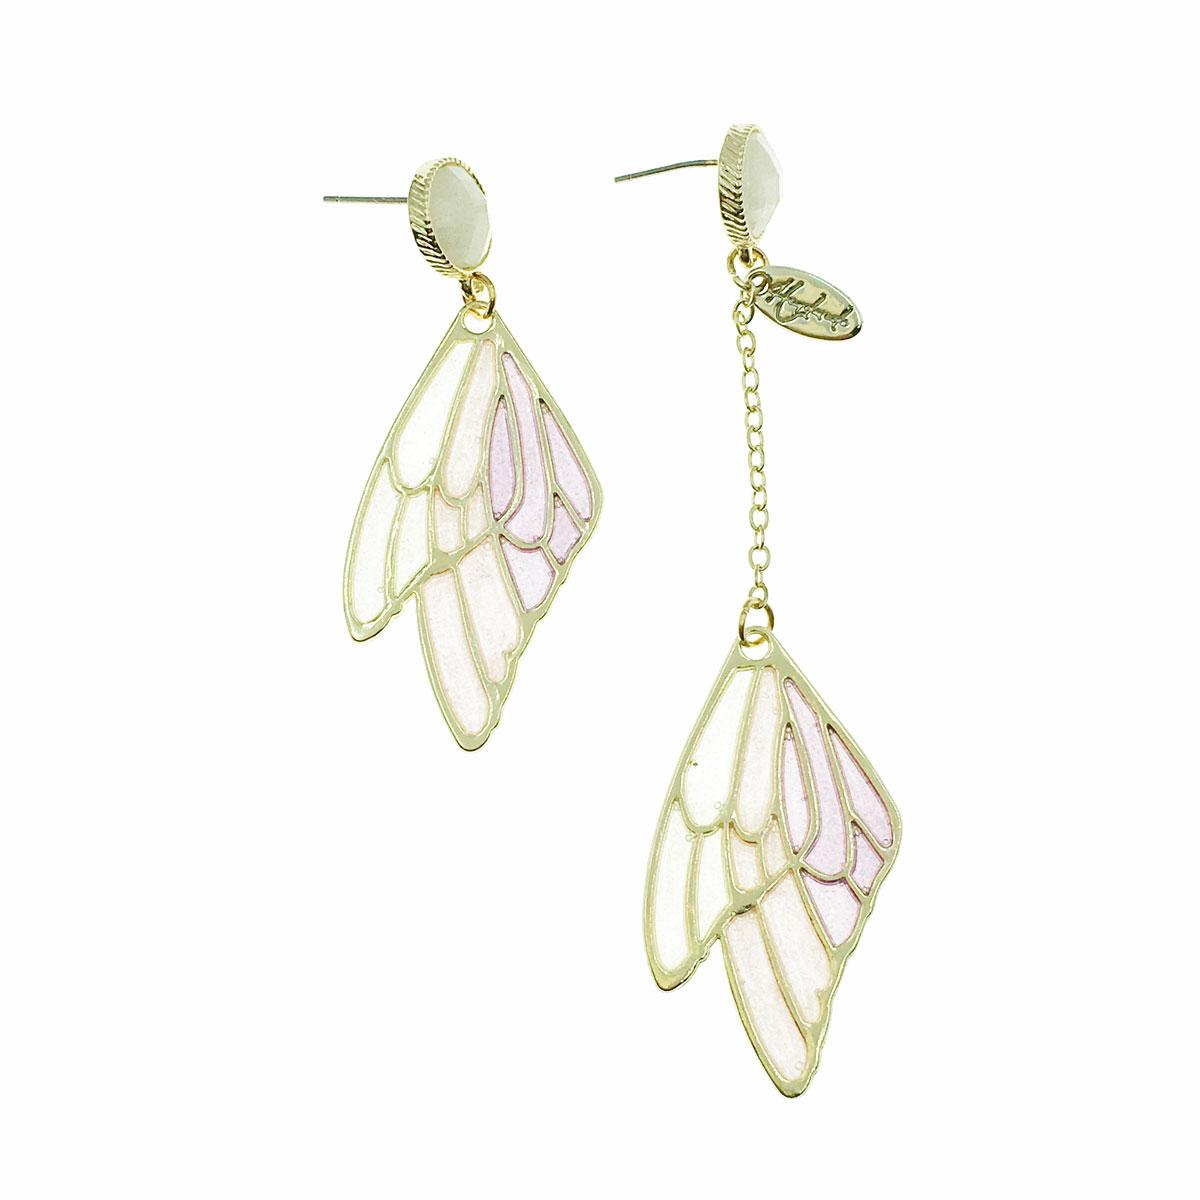 韓國 925純銀 翅膀 英文 金邊 不對稱 垂墜感 耳針式 耳環